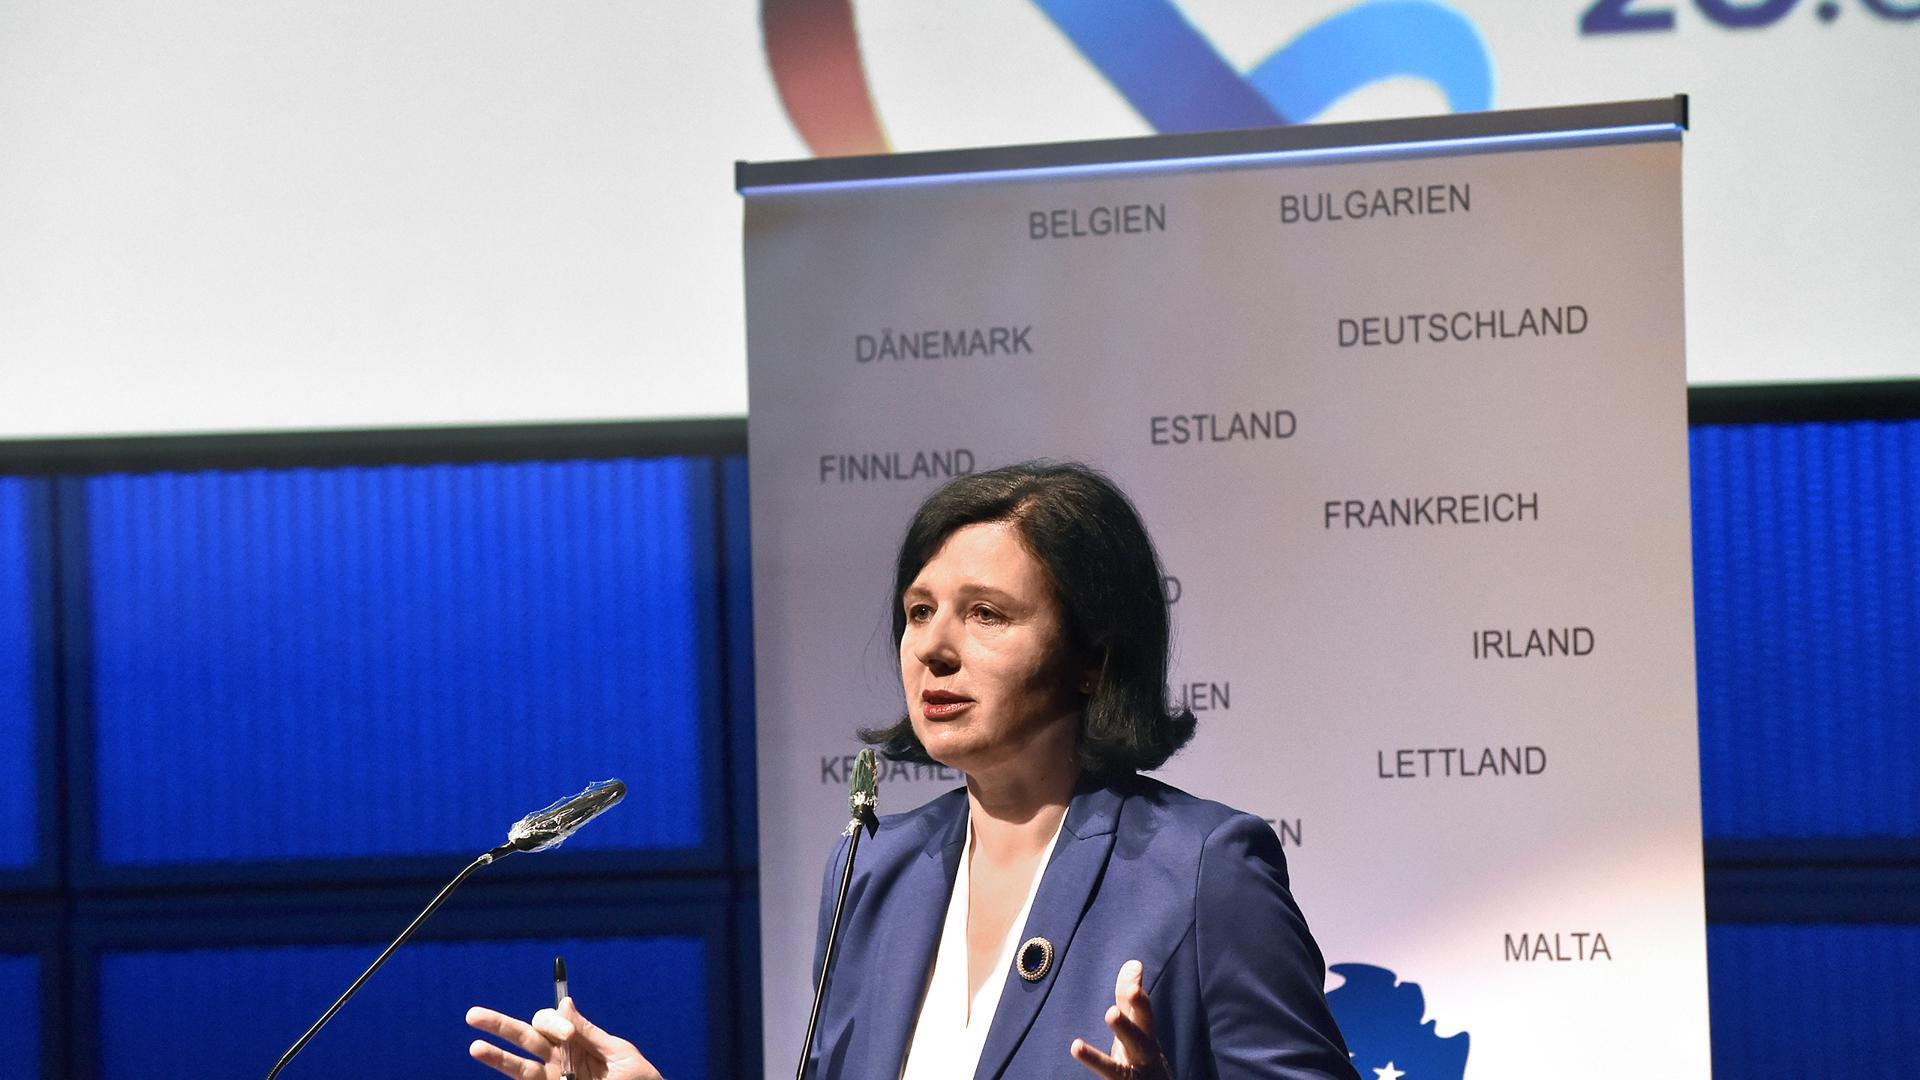 Sorge um demokratische Fundamente Europas: EU-Kommissarin Vera Jourová will in einer Studie die Rechtssysteme der Mitgliedstaaten vergleichbar machen.